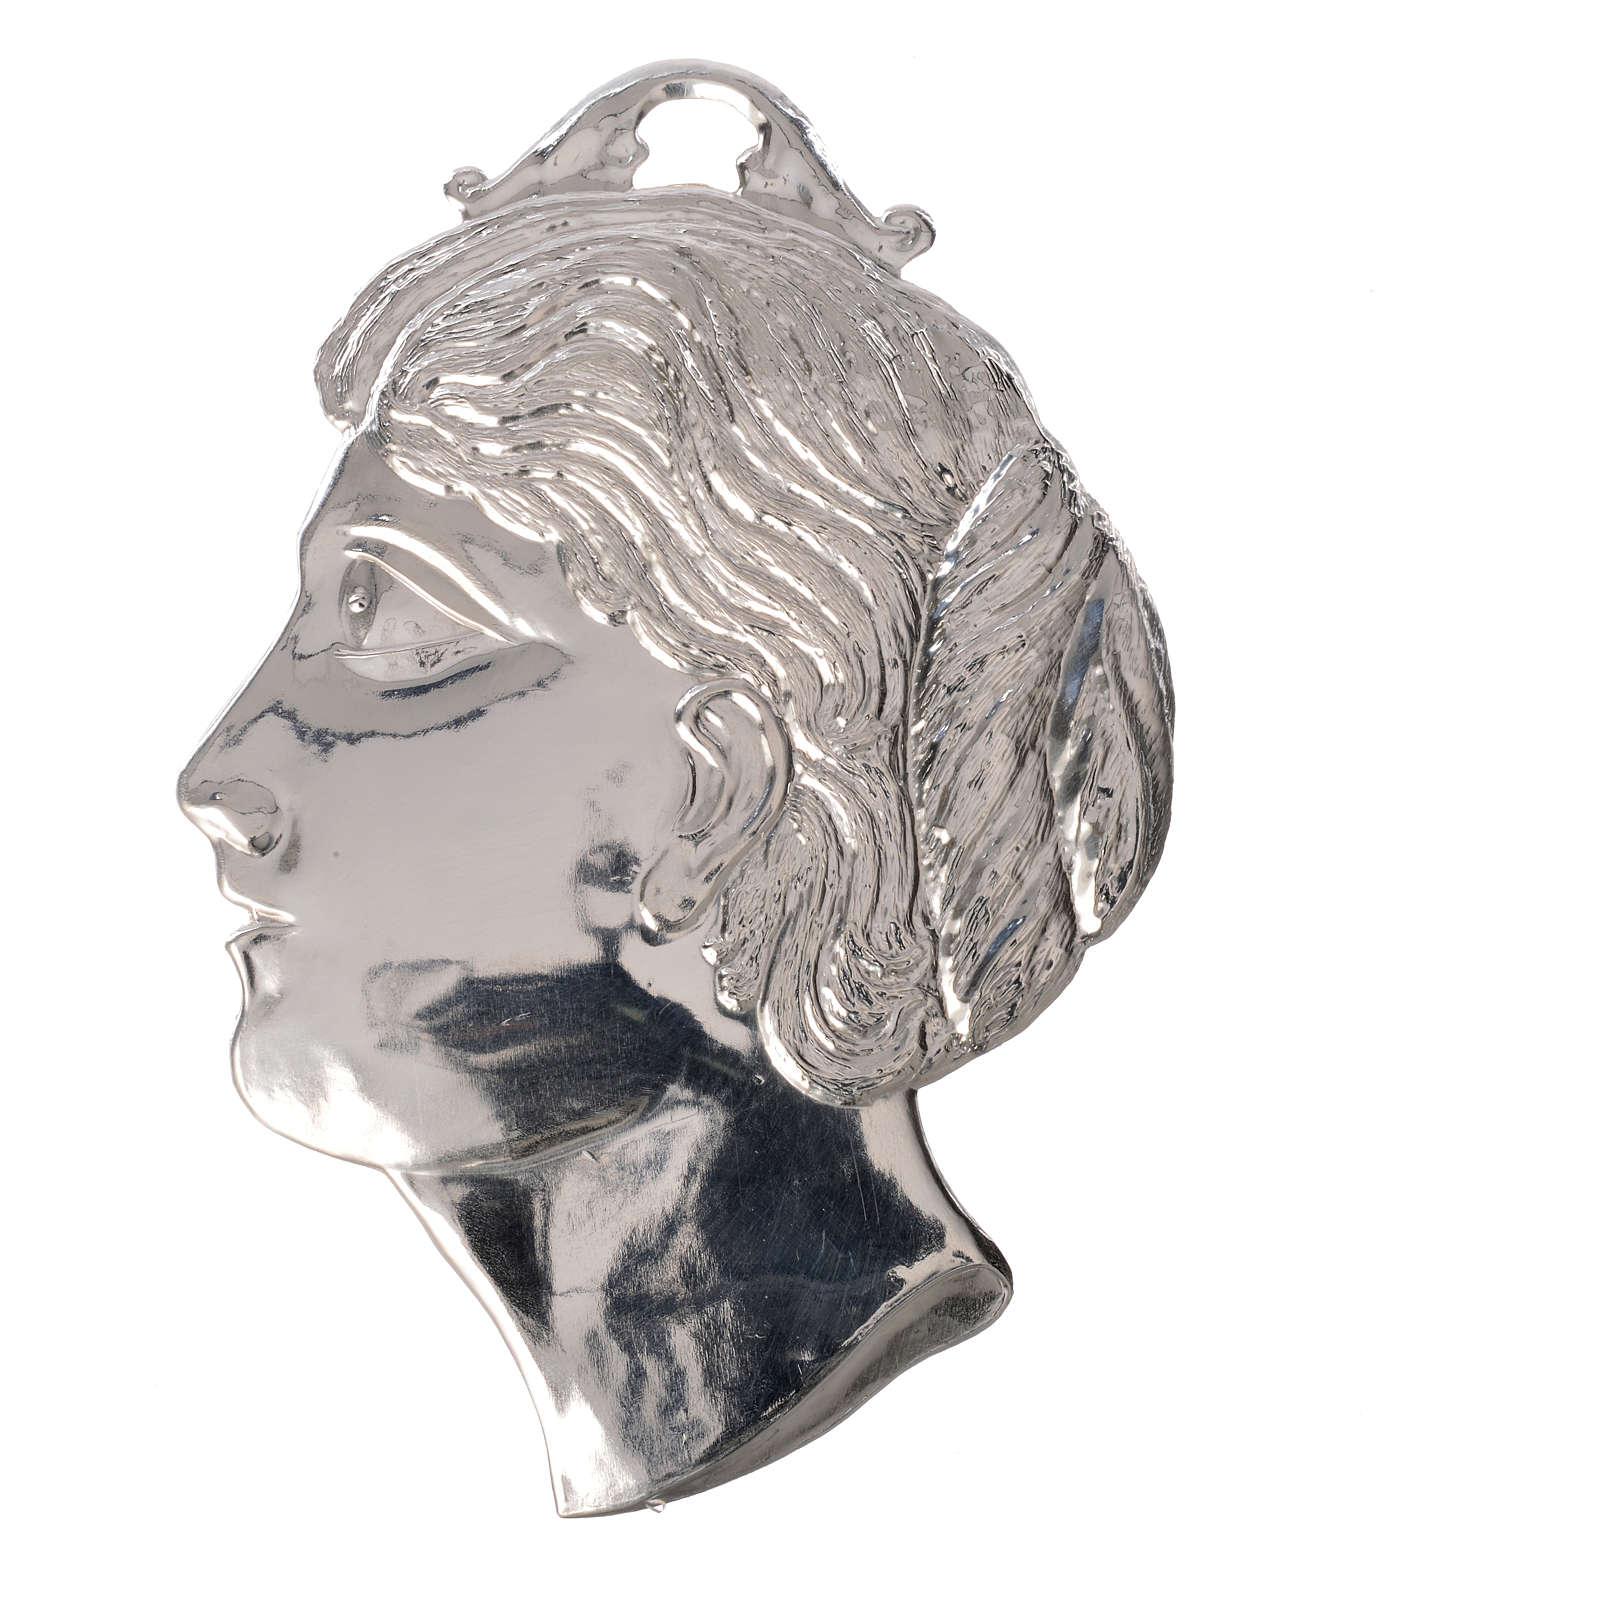 Ex-voto cabeça de mulher prata 925 ou metal 14 cm 3